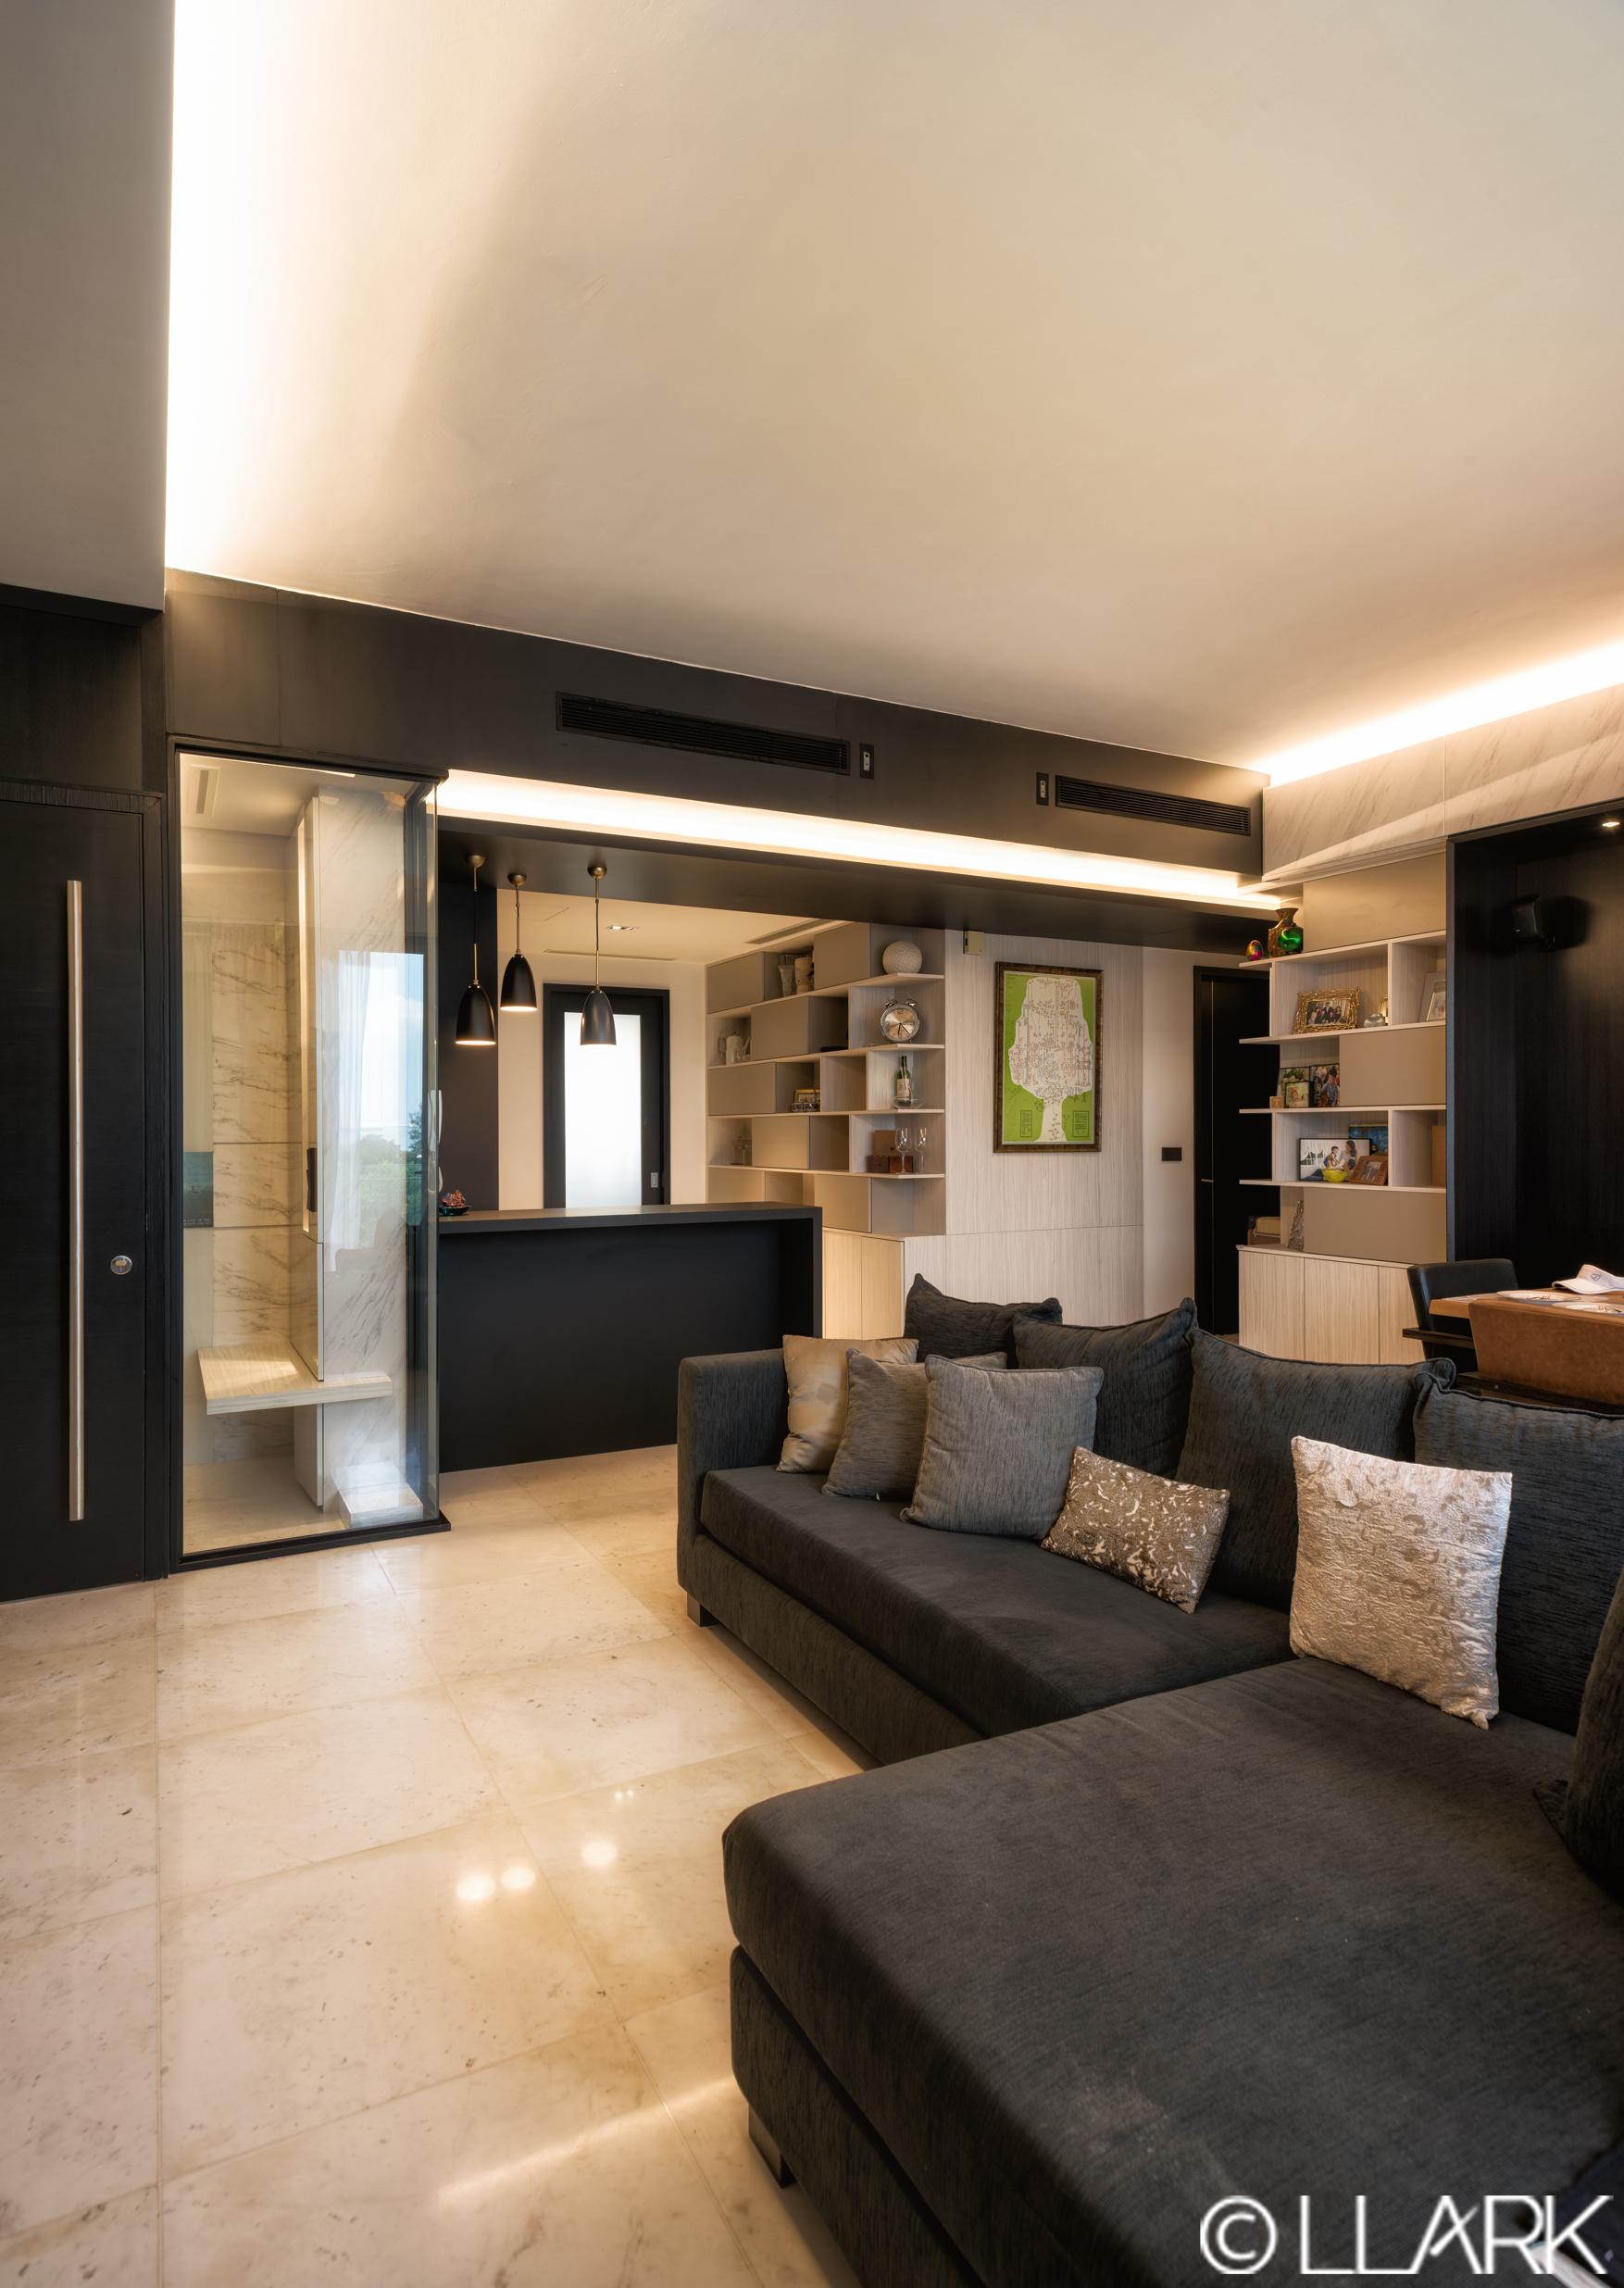 LLARK_AALTO_Living Room 2_R.jpg